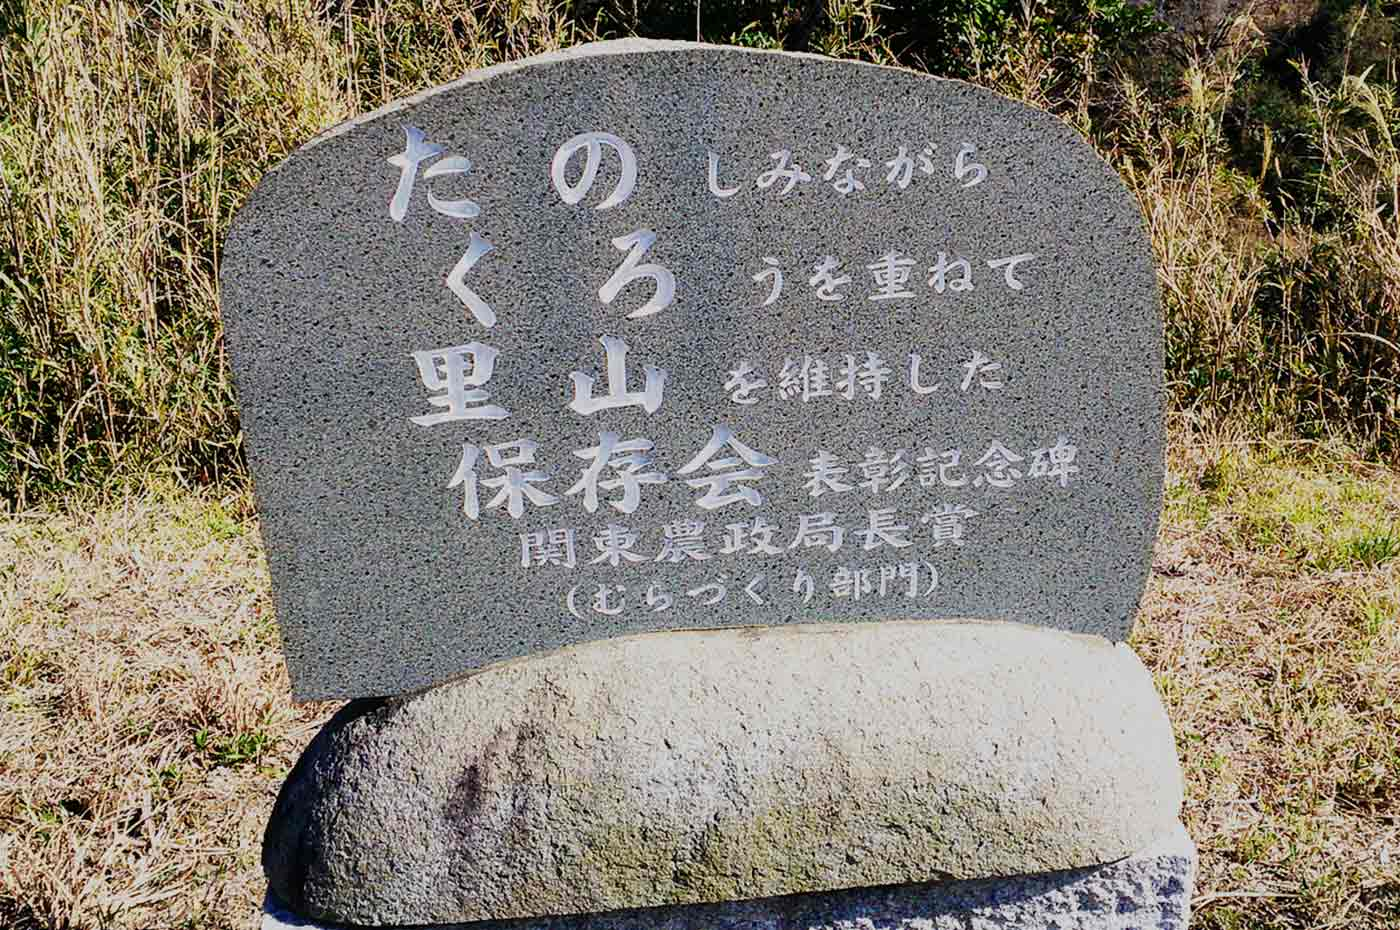 関東農政局長賞の表彰記念碑